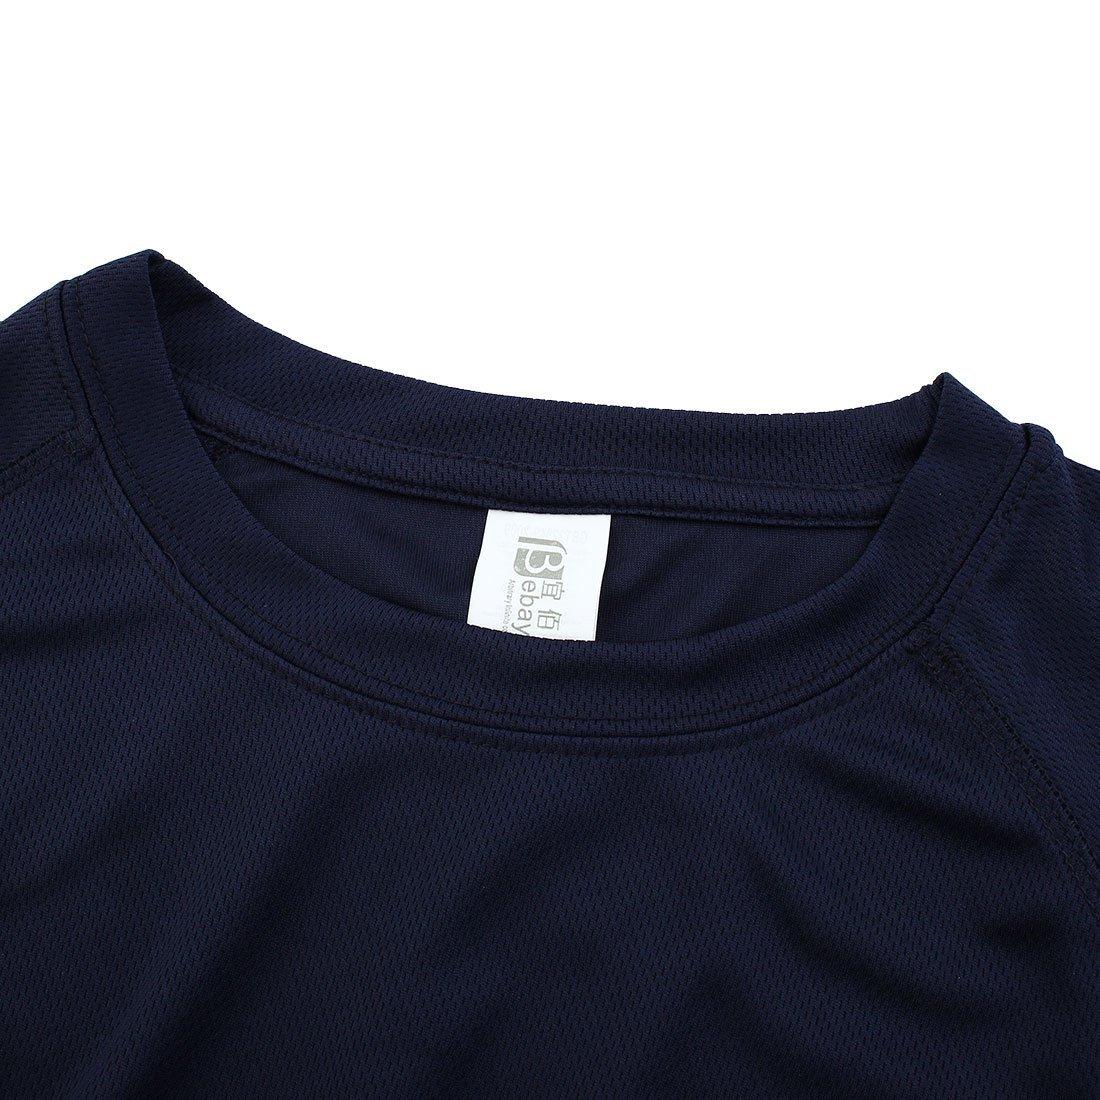 DealMux Hombres Ejercicio Deportes Marathon, Quick Dry Ronda Cuello Manga Corta, Camiseta básica, Camiseta Talla M Azul Marino: Amazon.es: Deportes y aire ...